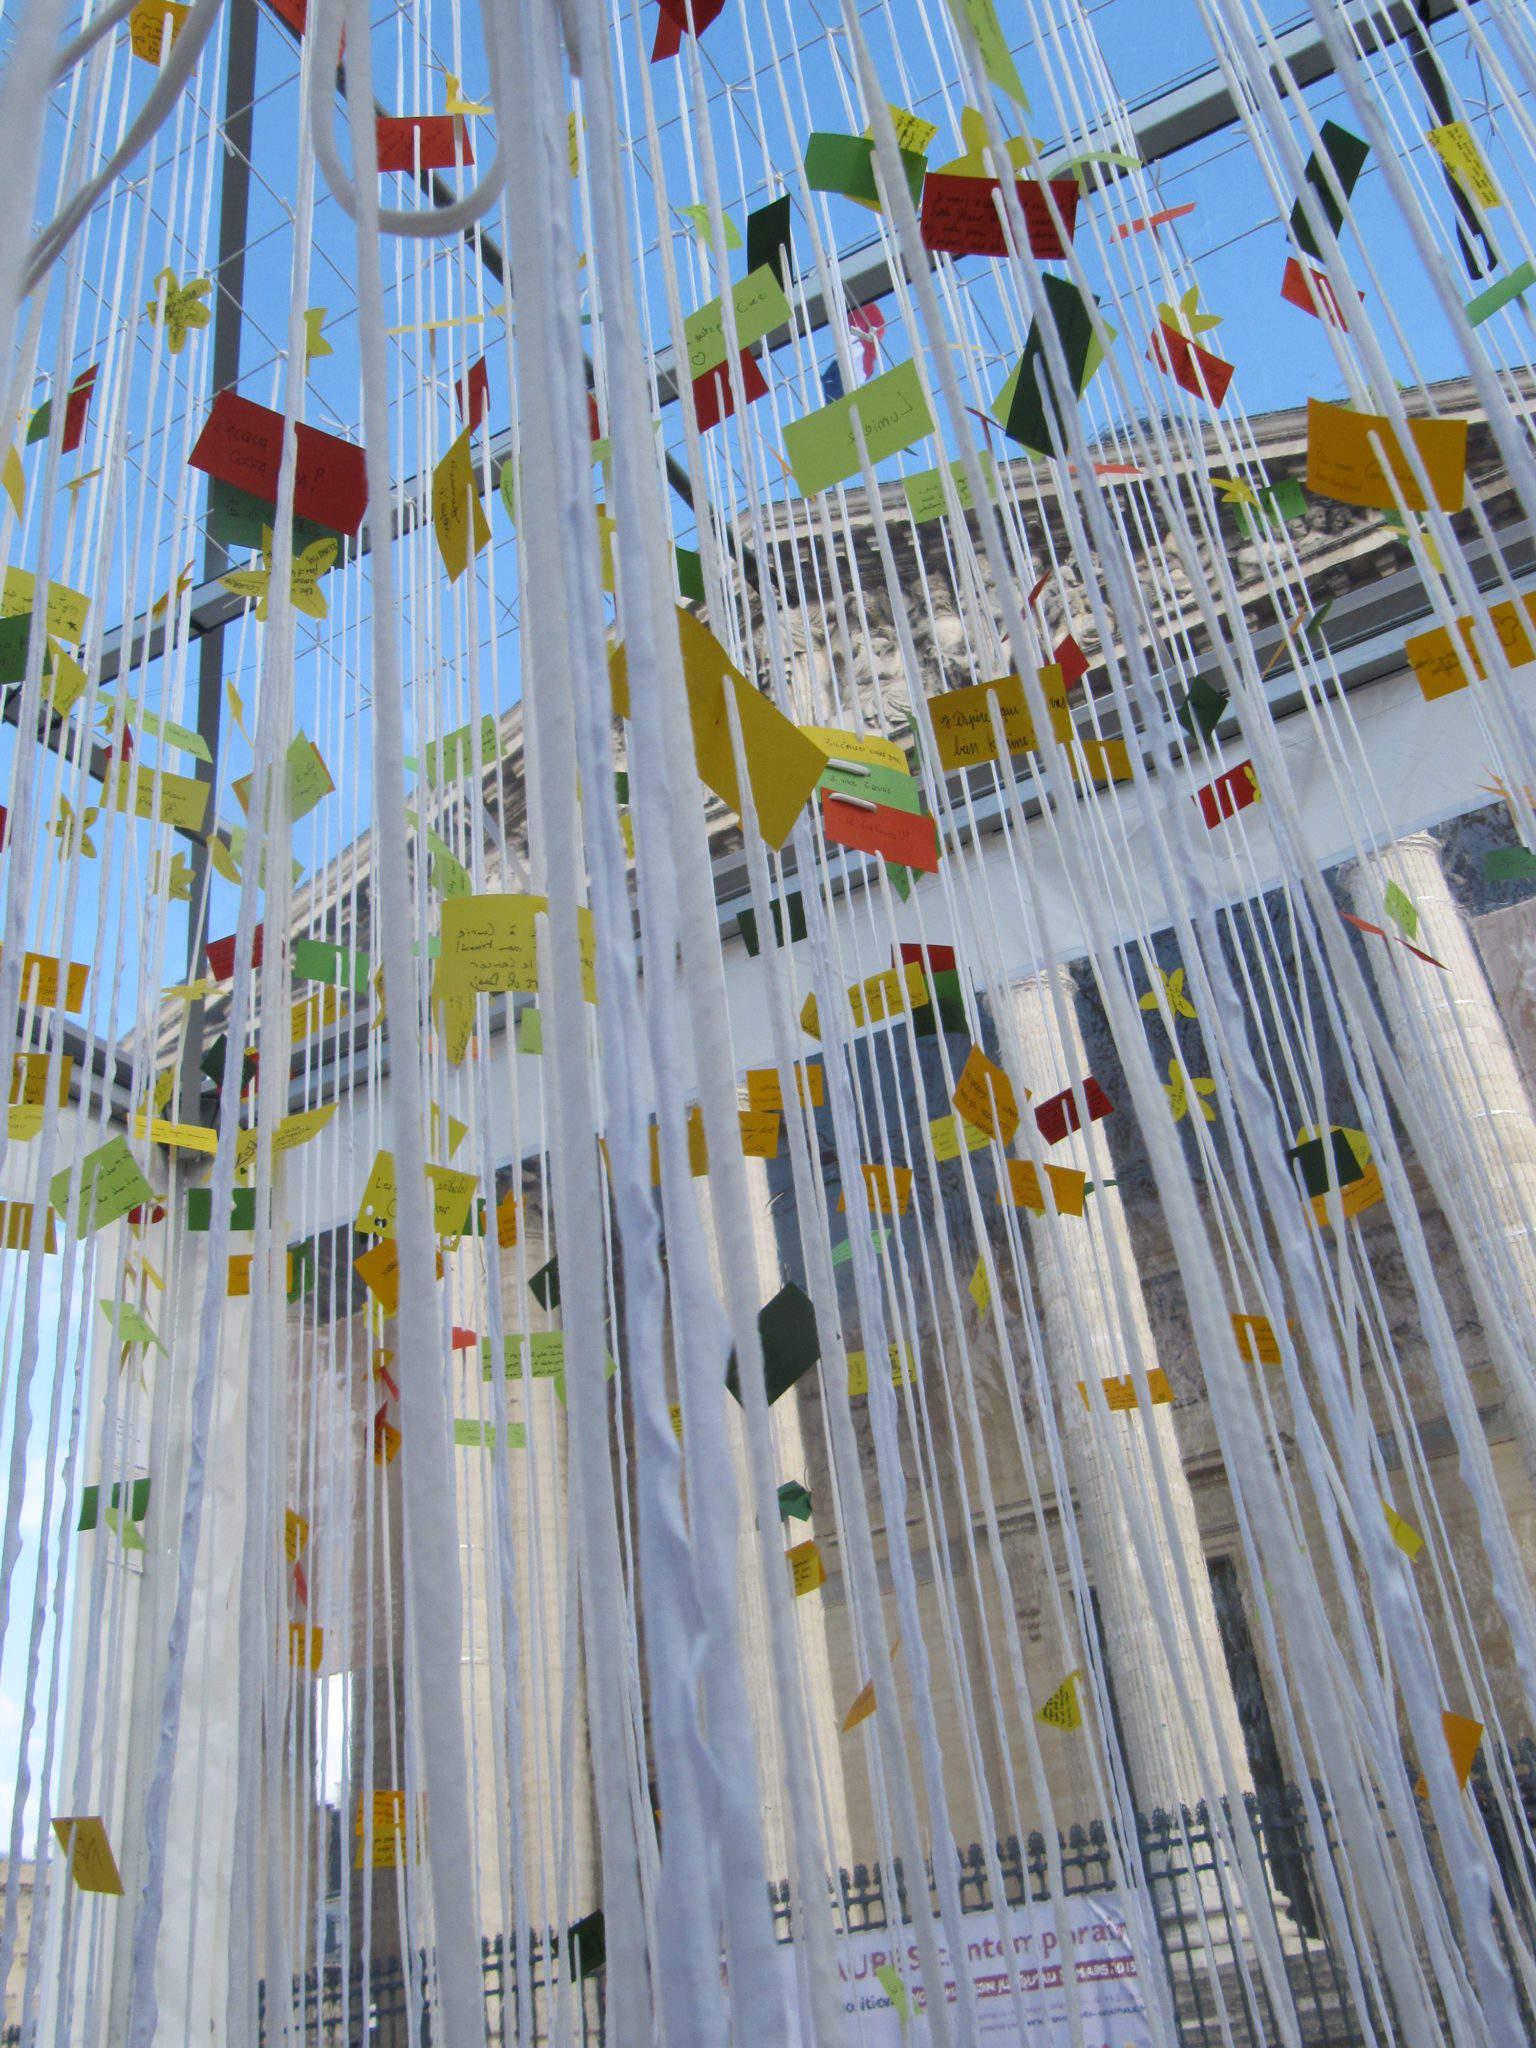 La Forêt des messages #1 / The foret messages 2